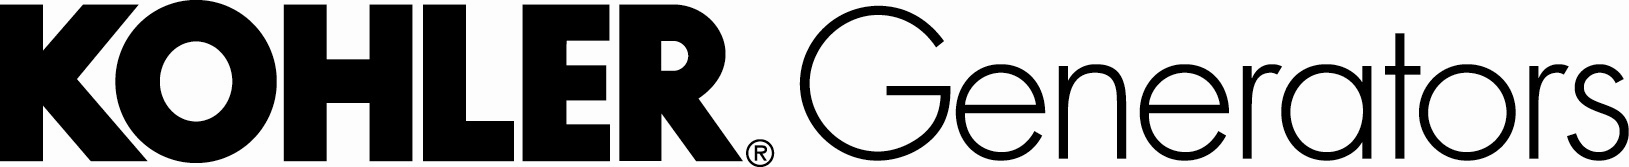 Kohler_Generator_Logo-1